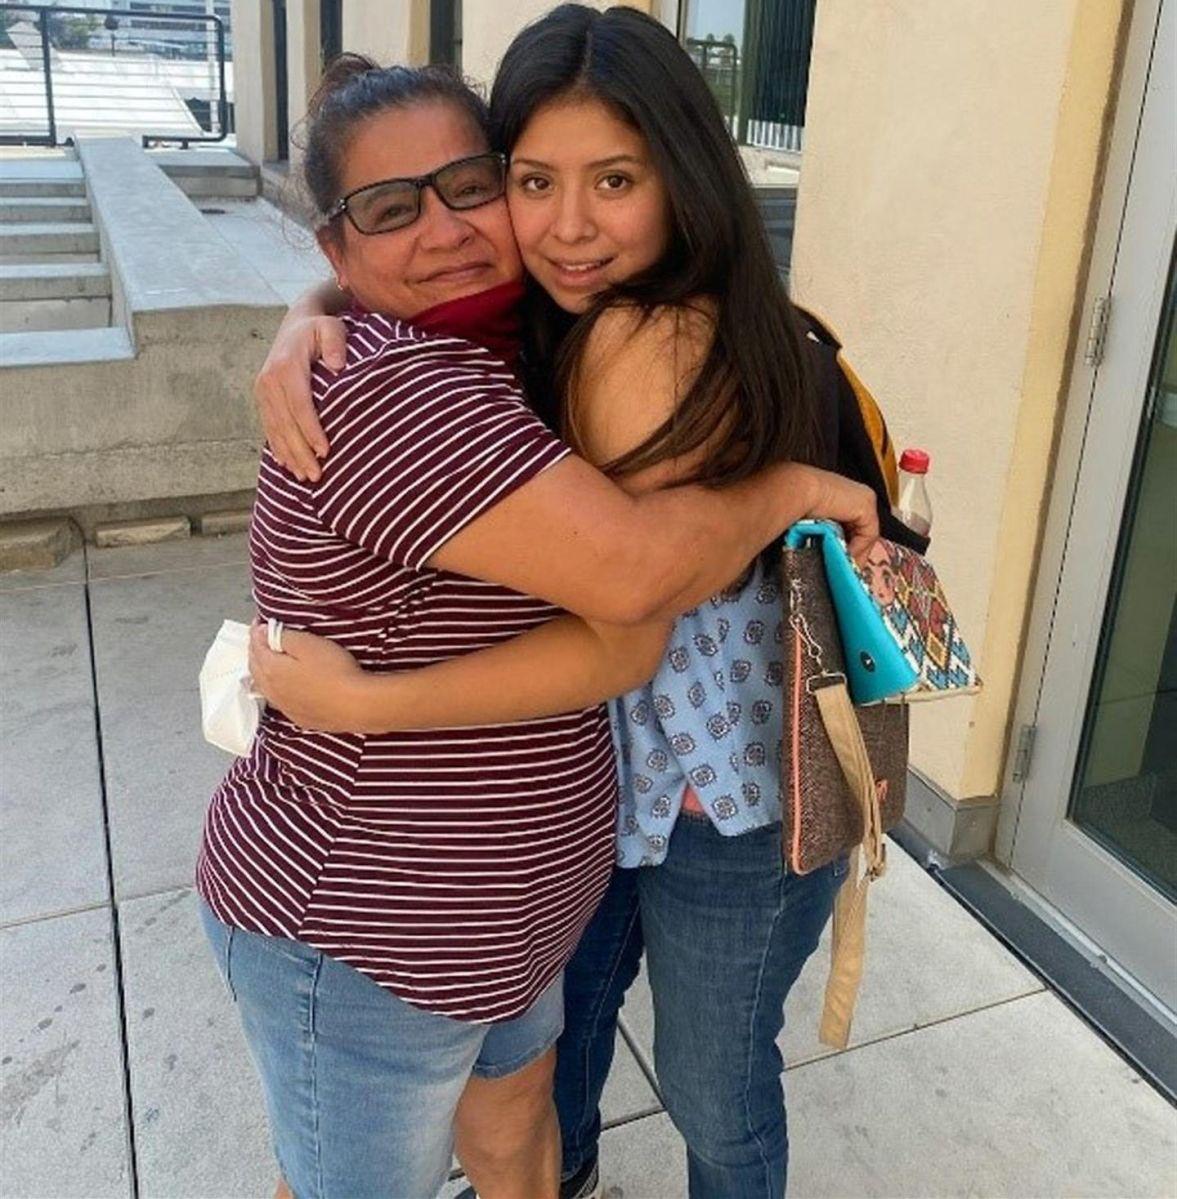 Madre e hija se reencontraron en Florida luego de 14 años gracias a un mensaje por redes sociales.